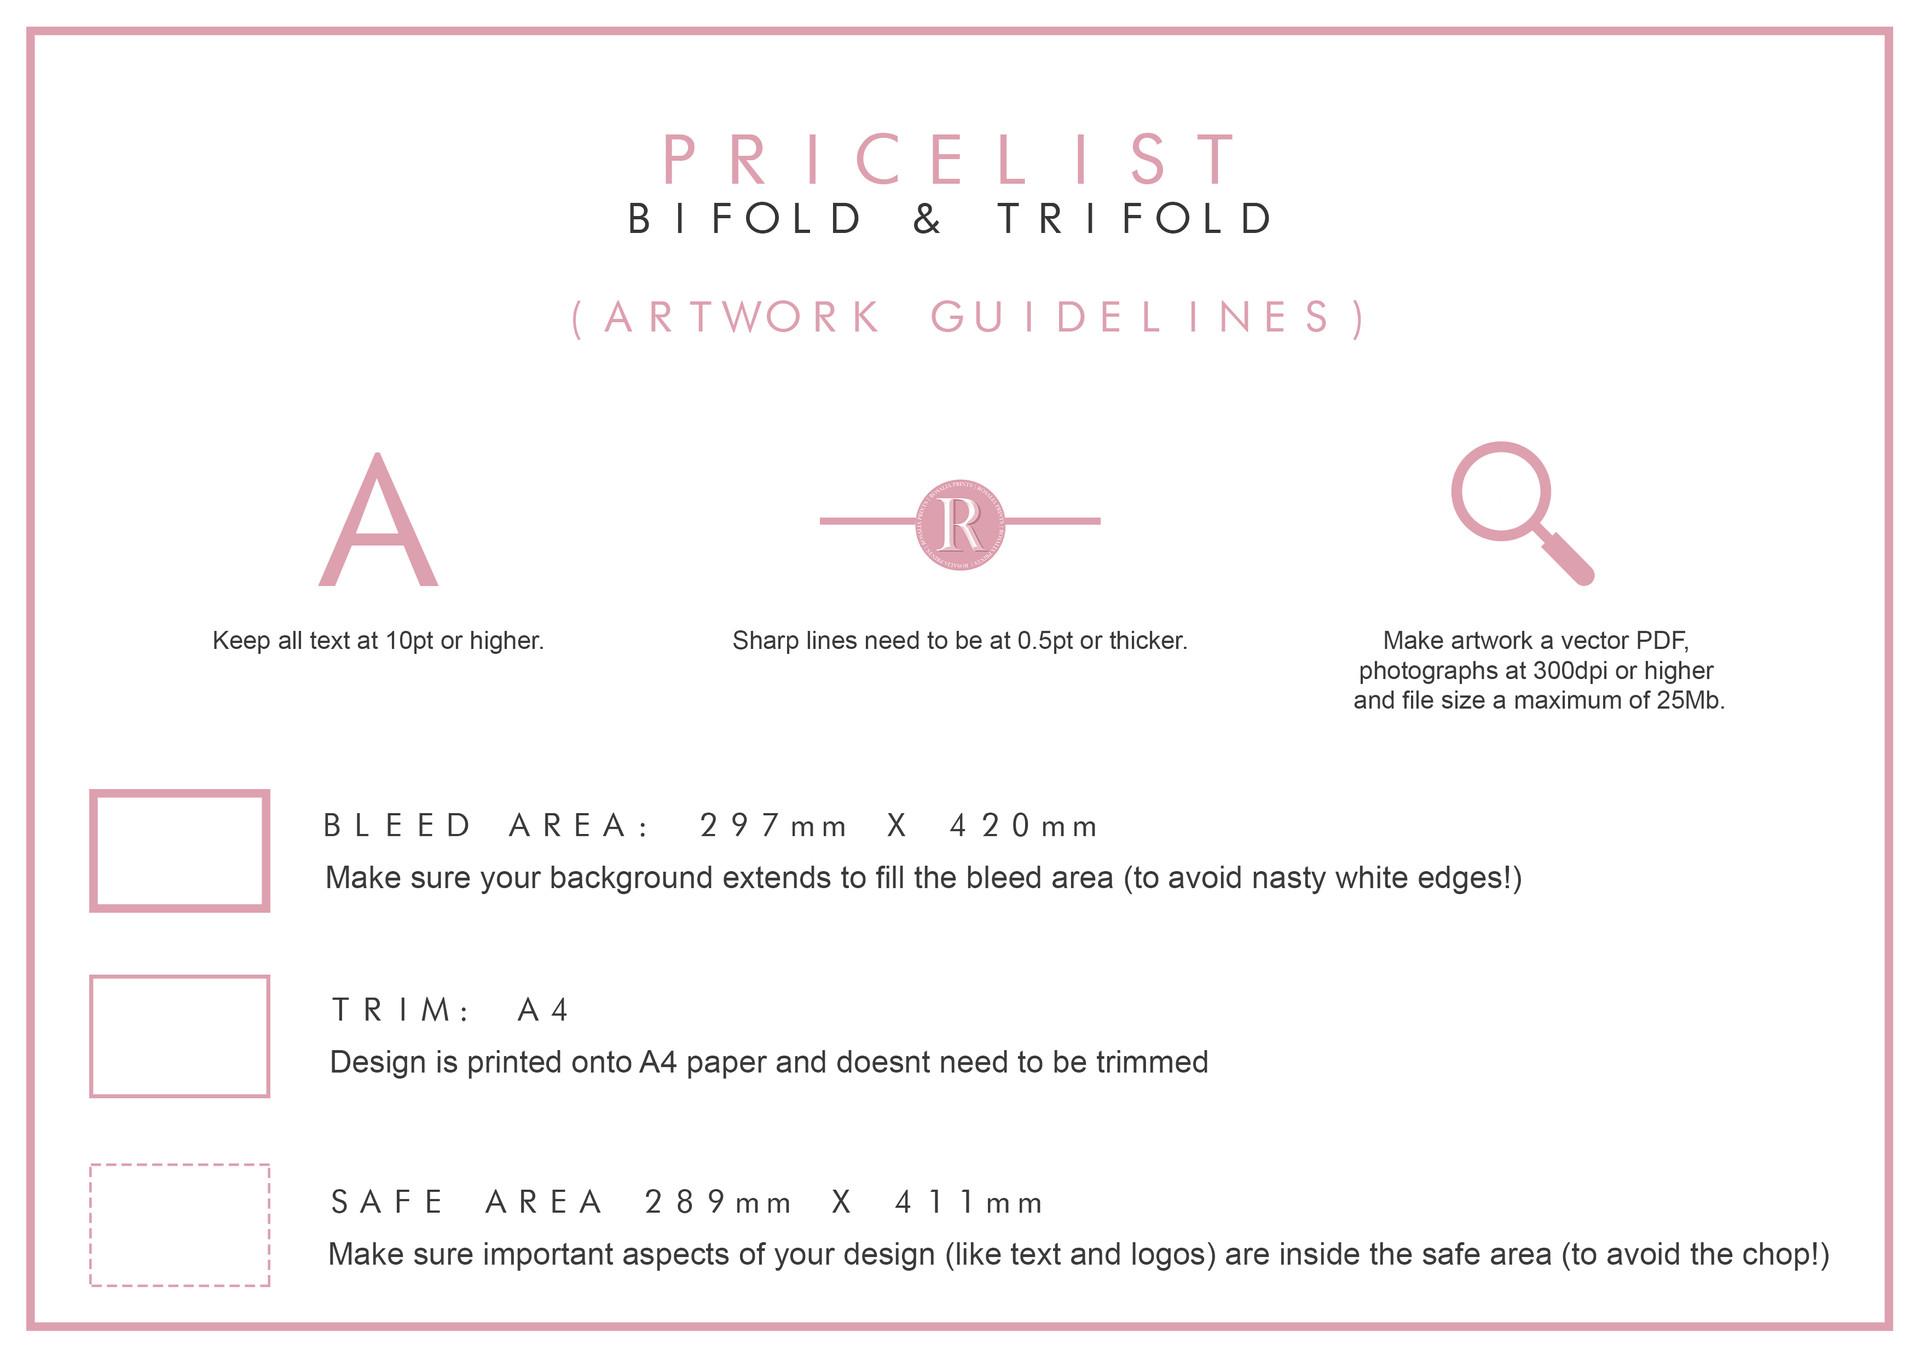 Pricelist Guidelines.jpg